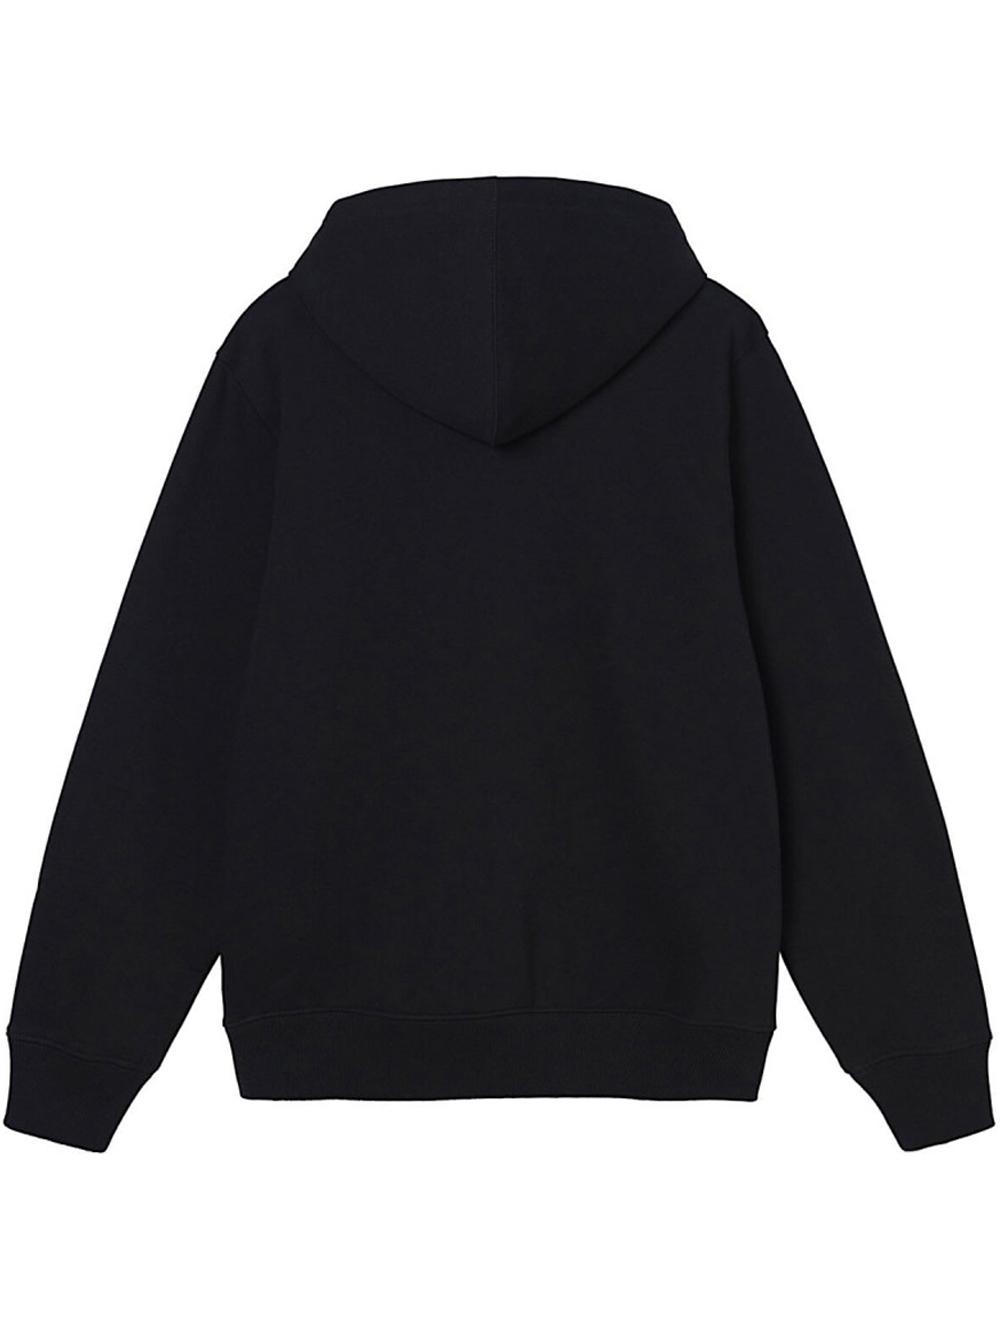 wear app hoodie man black in cotton STUSSY | Sweatshirts | 118446BLACK